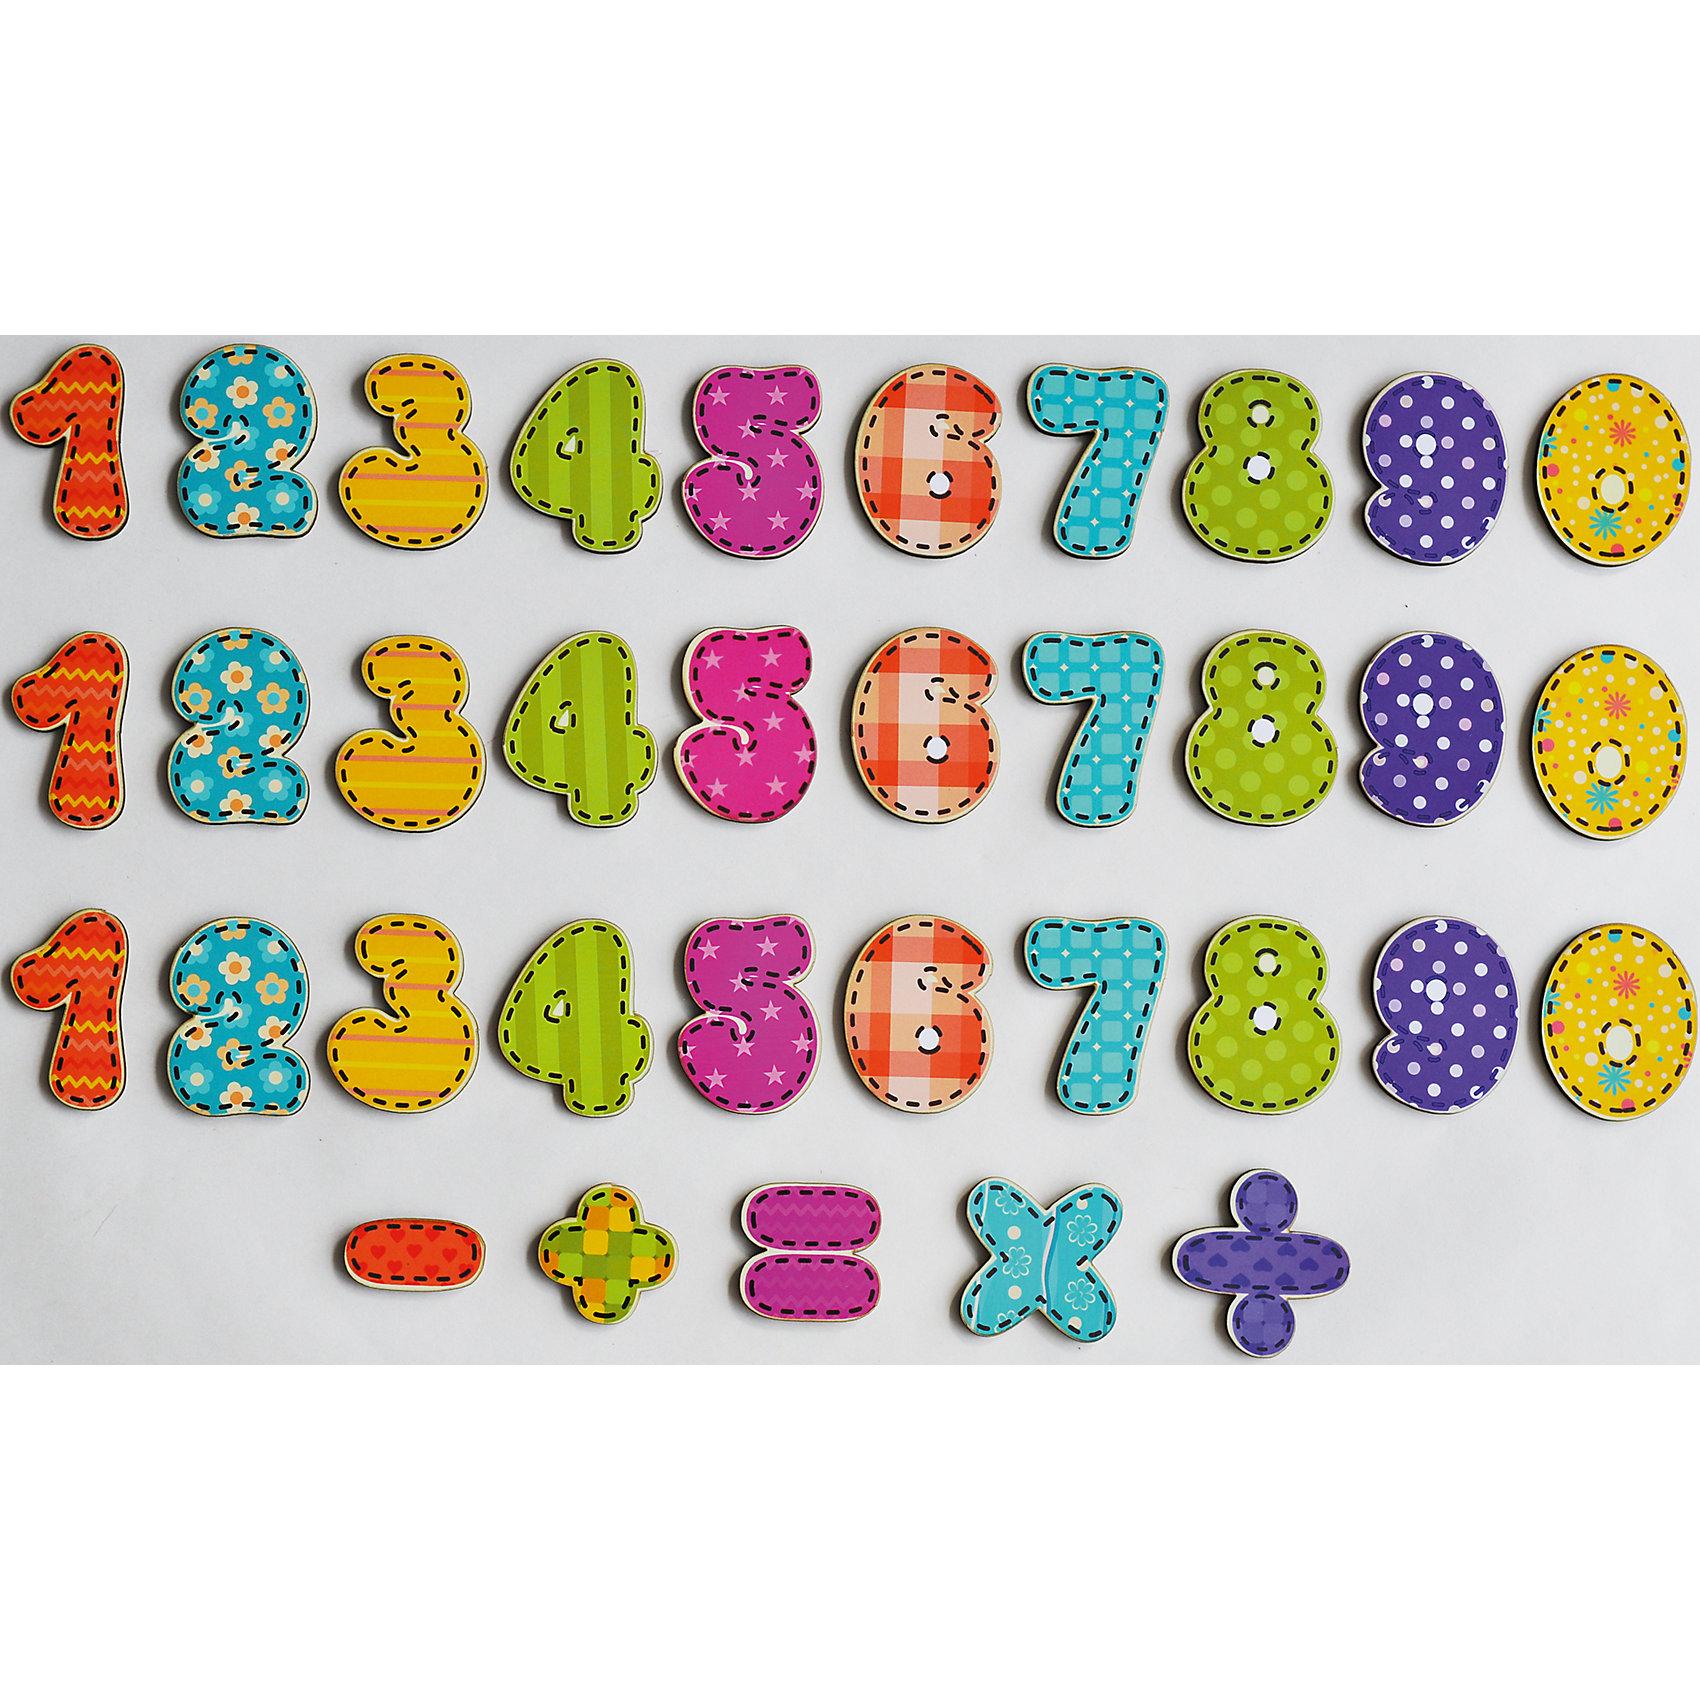 Магниты Учимся считатьДеревянные игры и пазлы<br>Сделать процесс познавания мира для малышей - просто! Яркие обучающие магниты «Учимся считать» помогут ребенку легко запомнить цифры и освоить математические операции.<br>Эти магниты легко увлекут займет ребенка! Игра с ними помогает детям развивать мелкую моторику, внимательность и познавать мир. Обучающая игрушка сделана из качественных и безопасных для ребенка материалов - натурального дерева.<br><br>Дополнительная информация:<br><br>цвет: разноцветный;<br>размер упаковки:  19 х 5 х 12 см;<br>вес: 170 г;<br>элементов: 35;<br>материал: дерево, бумага, полимер.<br><br>Магниты Учимся считать можно купить в нашем магазине.<br><br>Ширина мм: 190<br>Глубина мм: 50<br>Высота мм: 120<br>Вес г: 170<br>Возраст от месяцев: 36<br>Возраст до месяцев: 2147483647<br>Пол: Унисекс<br>Возраст: Детский<br>SKU: 4916399